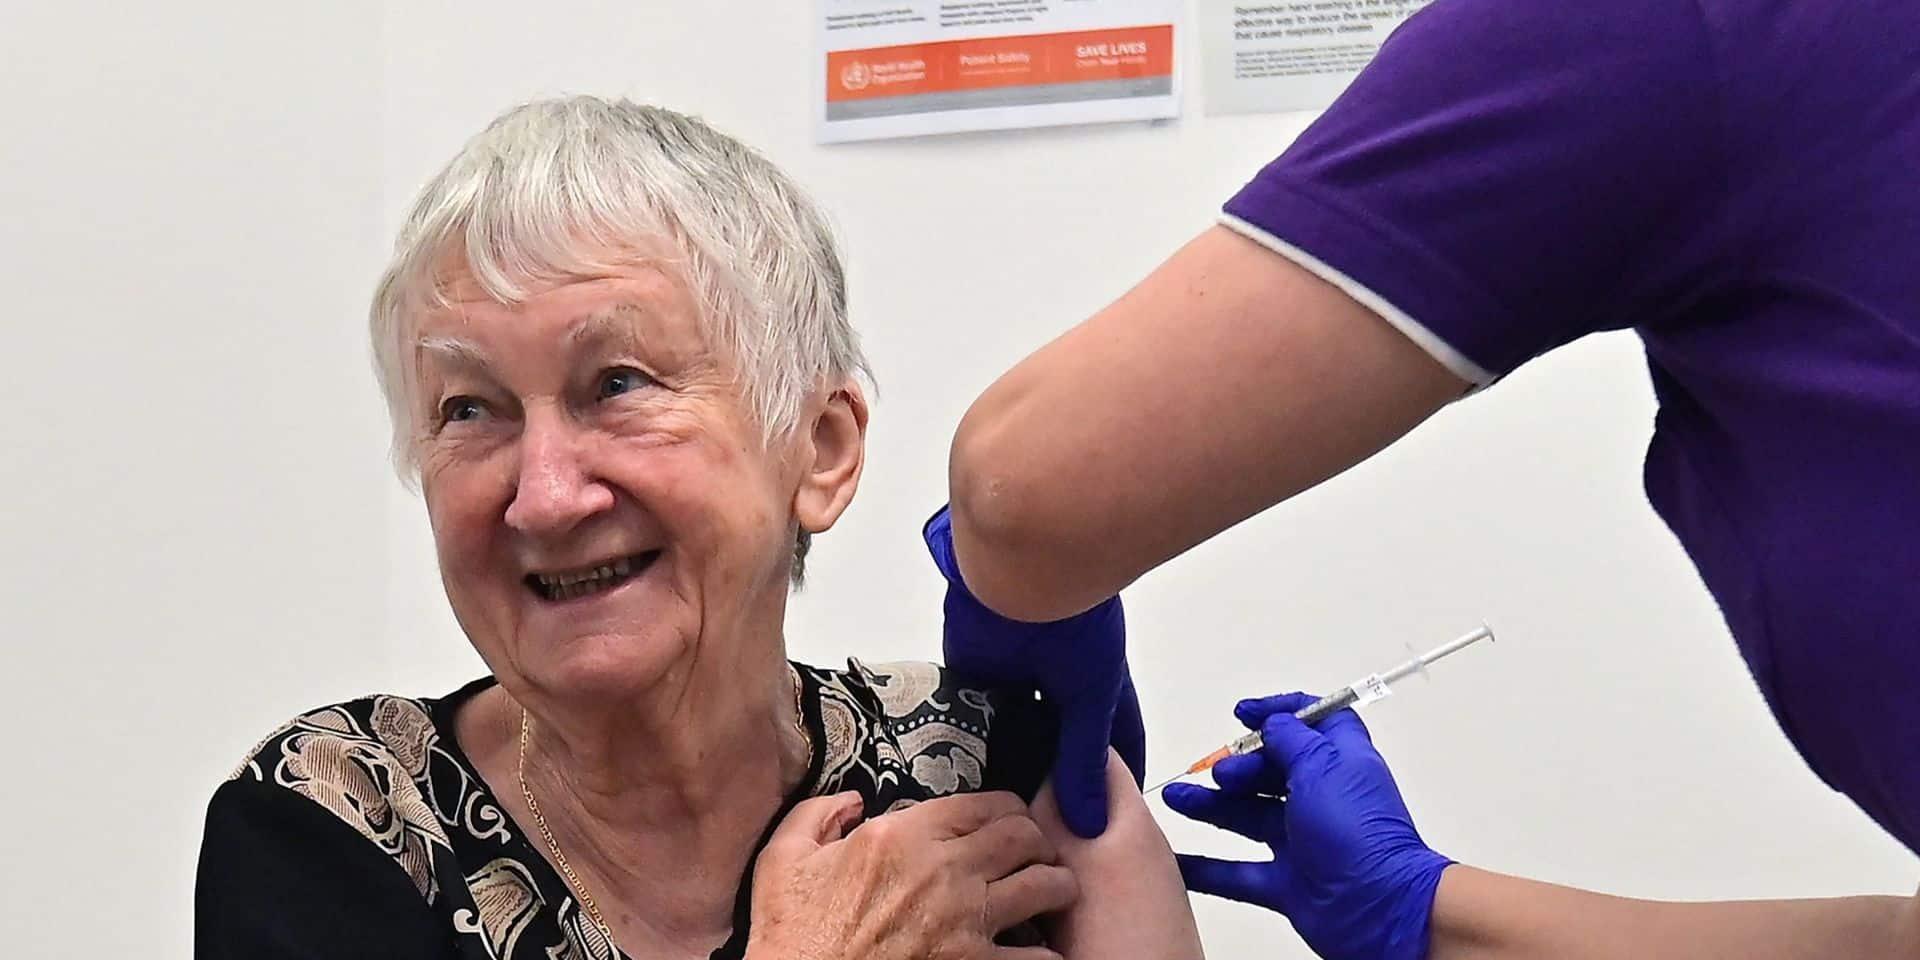 Le vaccin Pfizer très efficace après la 2e injection, selon les premières données